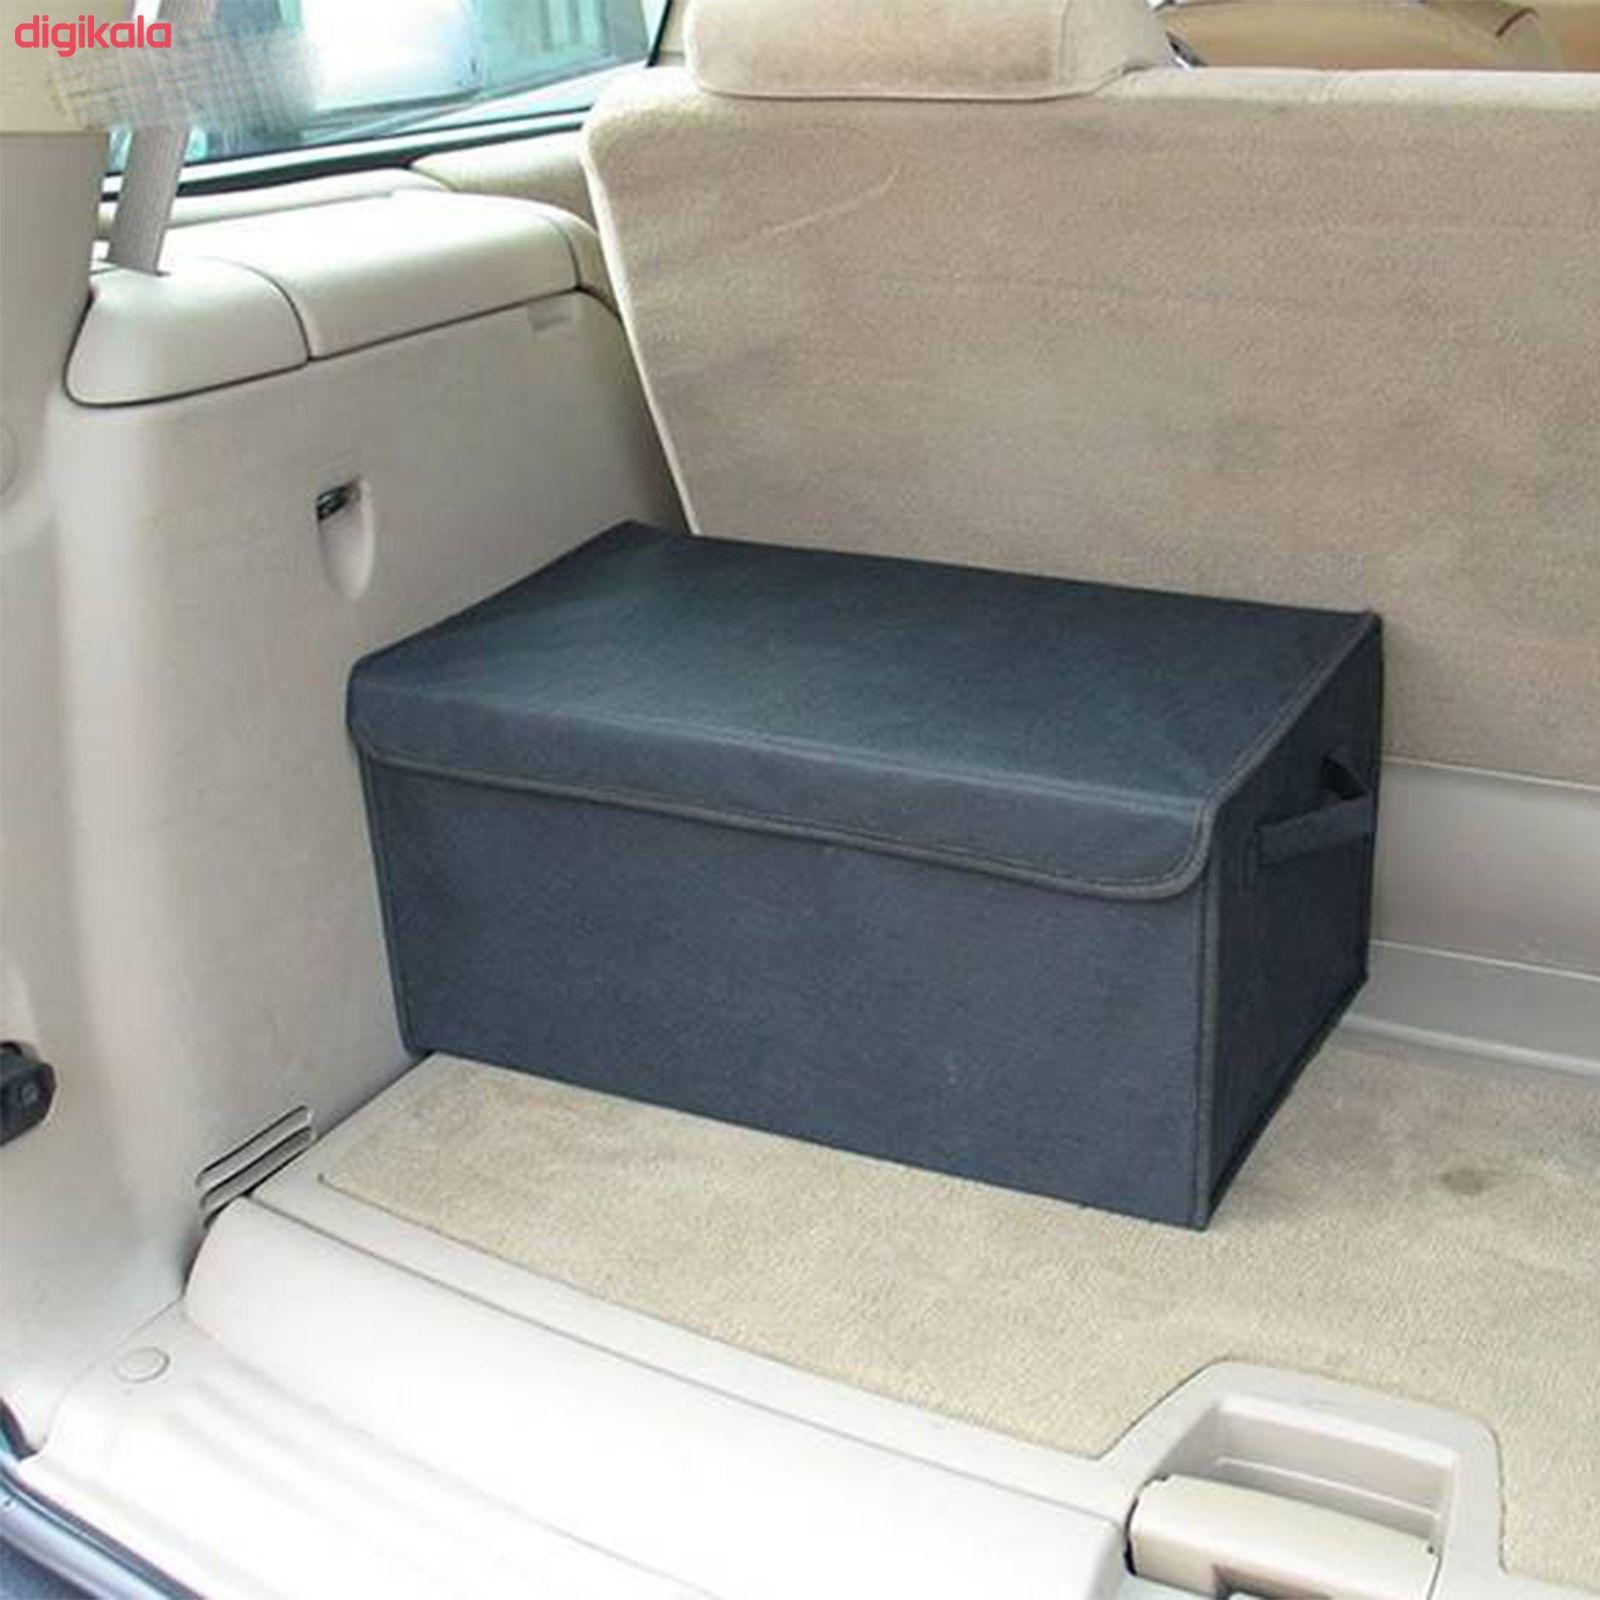 ساک نظم دهنده صندوق عقب خودرو کد S2112 main 1 2